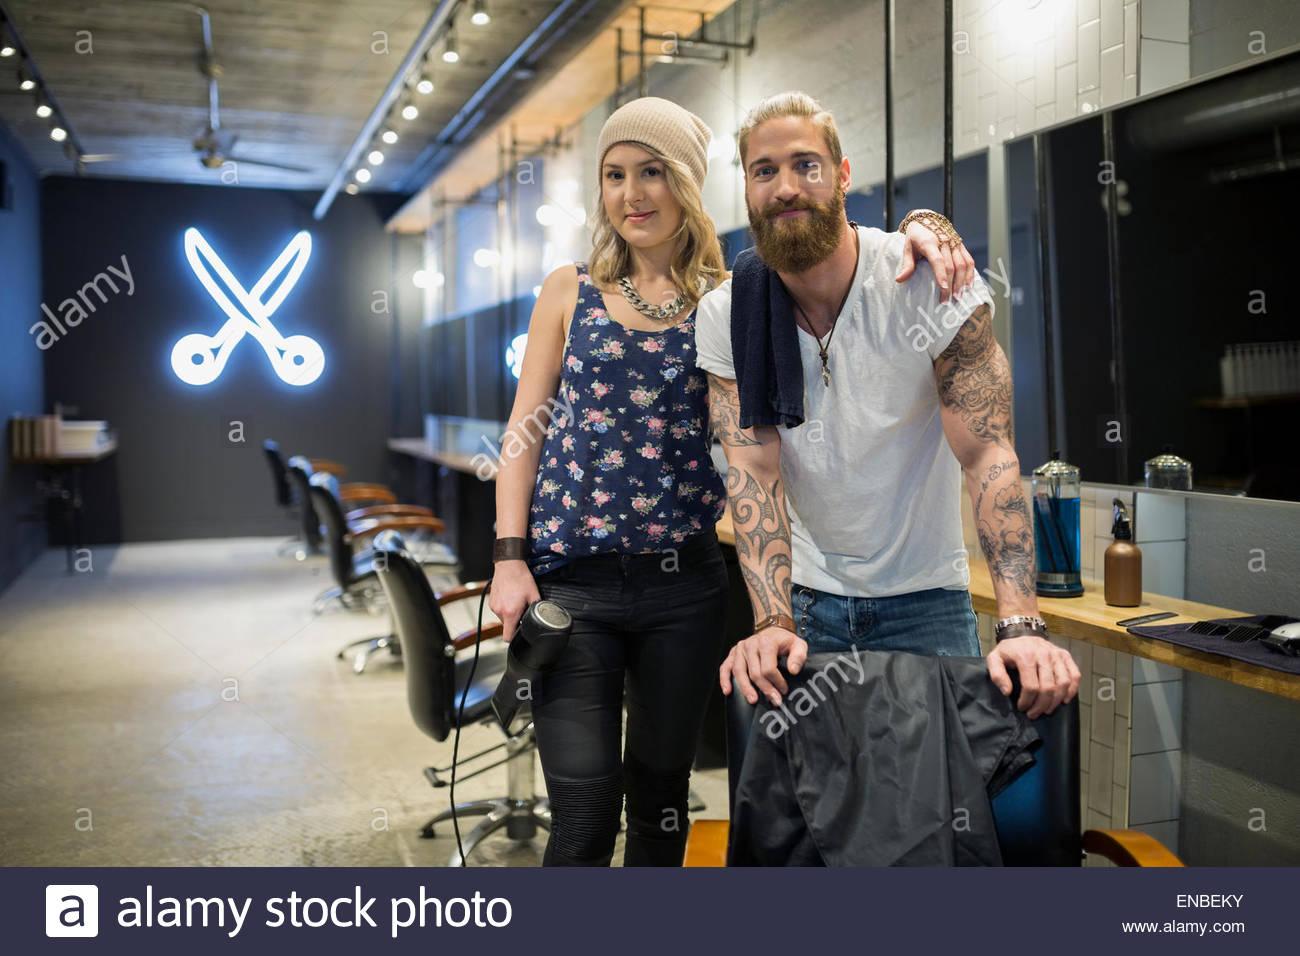 Ritratto fiducioso hipster parrucchiere partner nel salone di parrucchiere Immagini Stock